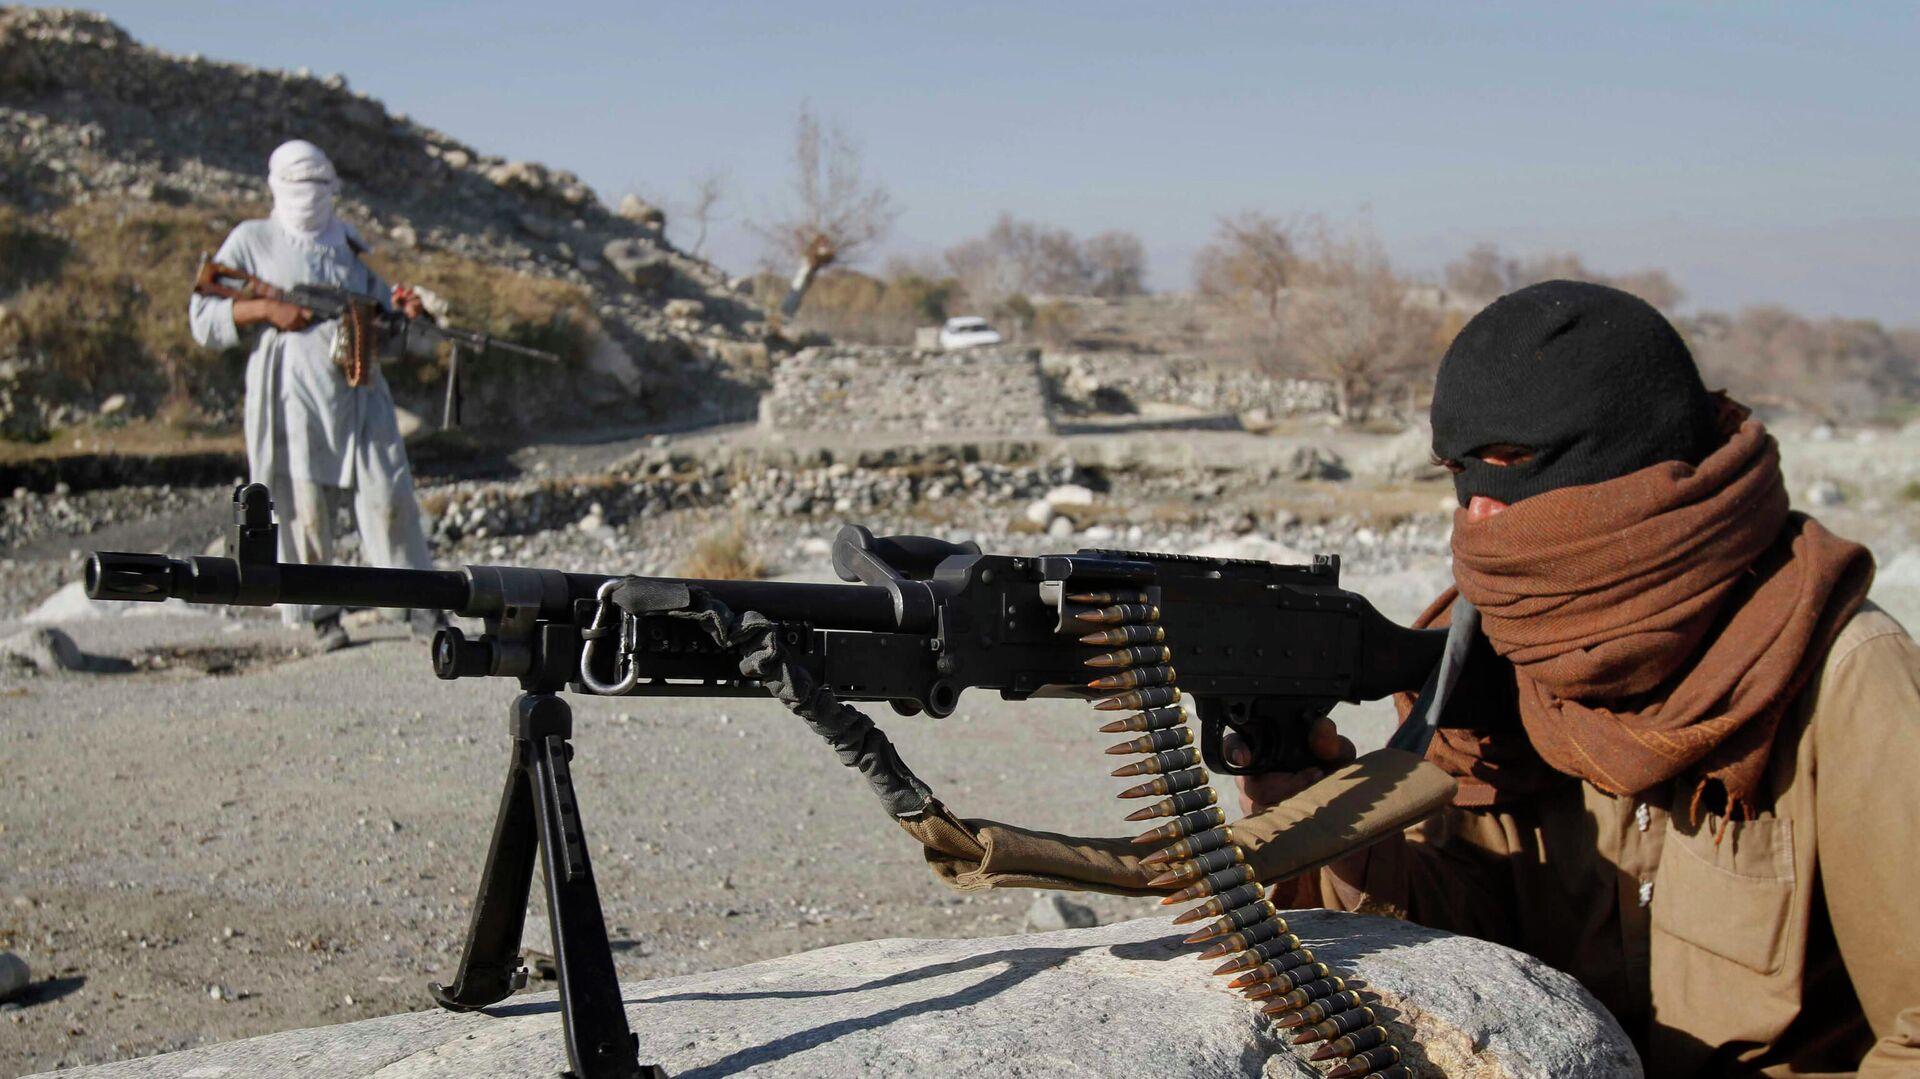 Bojovníci radikálního hnutí Tálibán v Afghánistánu - Sputnik Česká republika, 1920, 09.07.2021